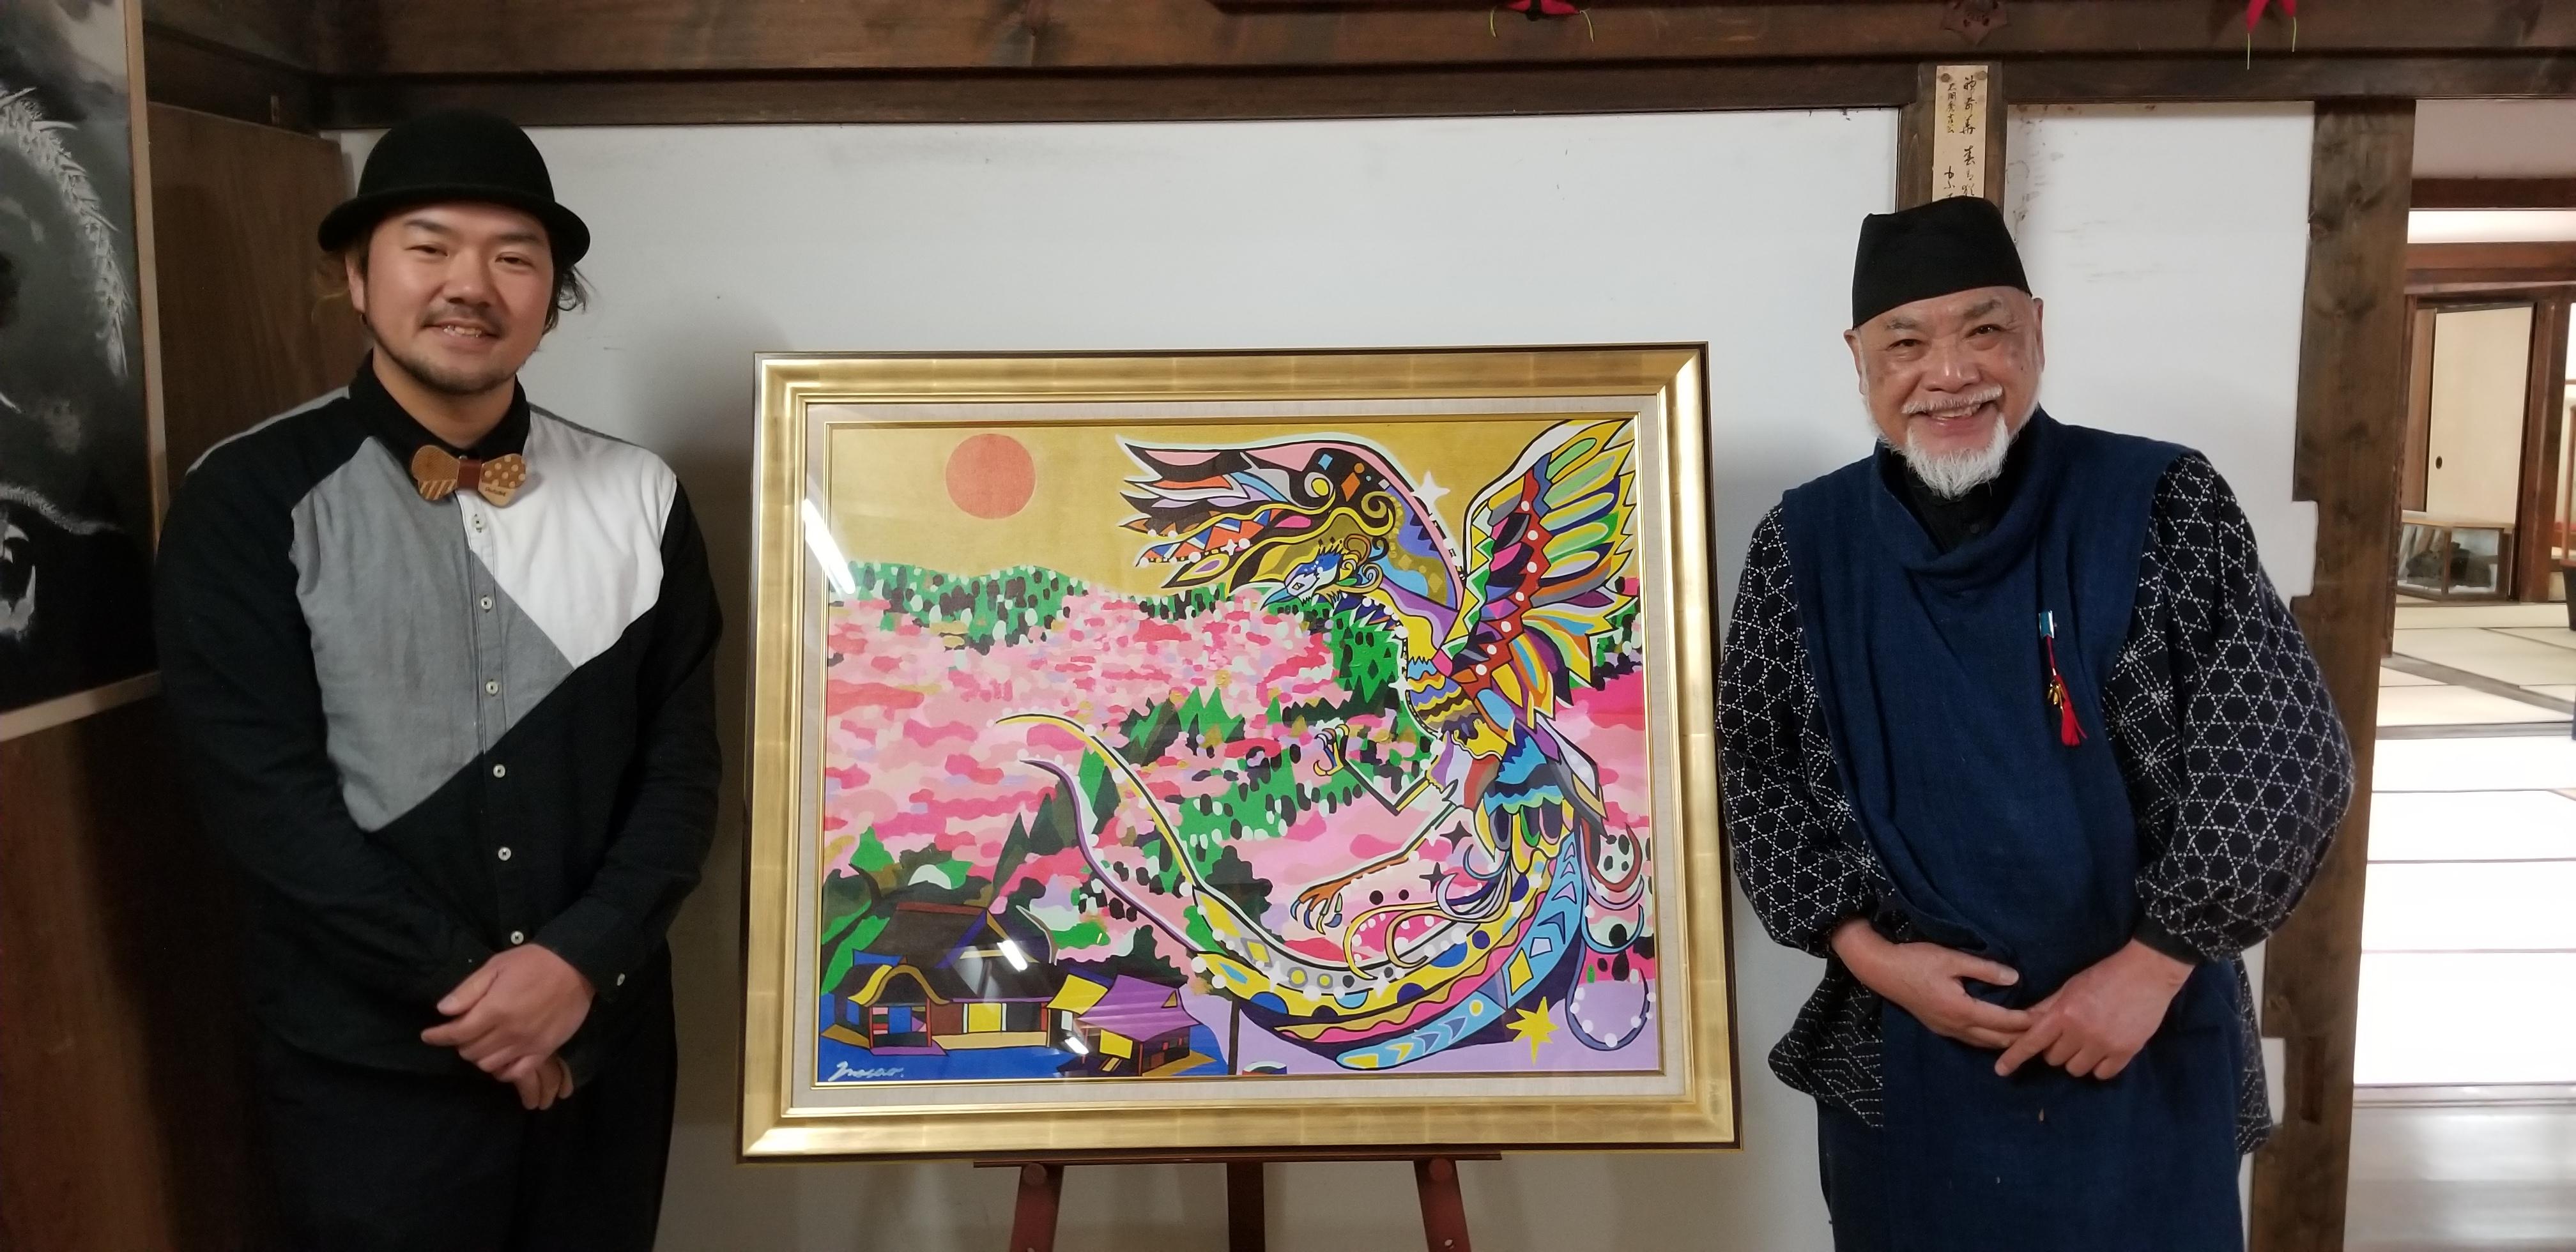 2019 3/27 世界遺産奈良吉水神社にて作品奉納